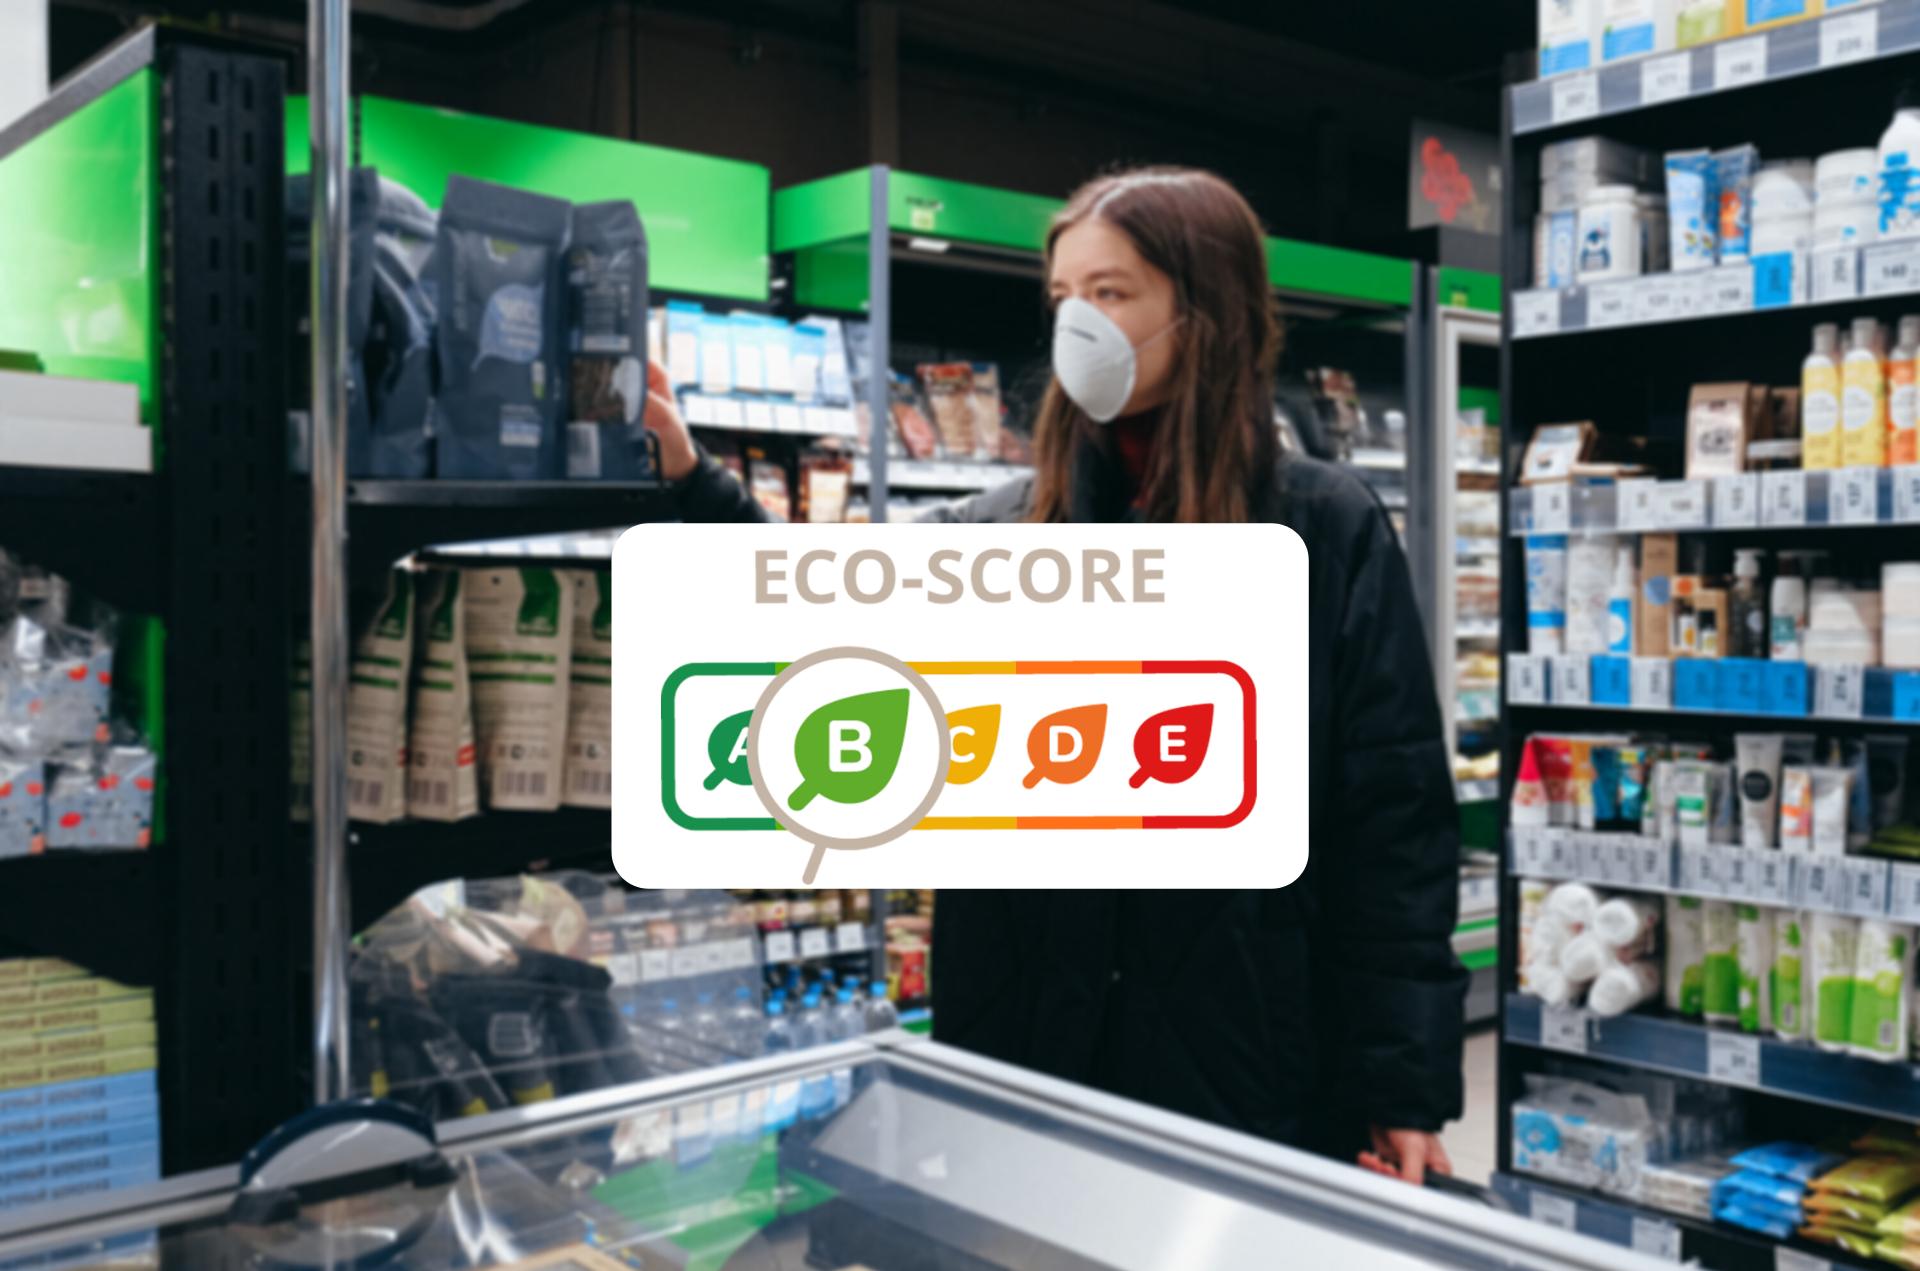 L'éco-score permet d'informer les consommateurs sur l'impact environnemental d'un produit.